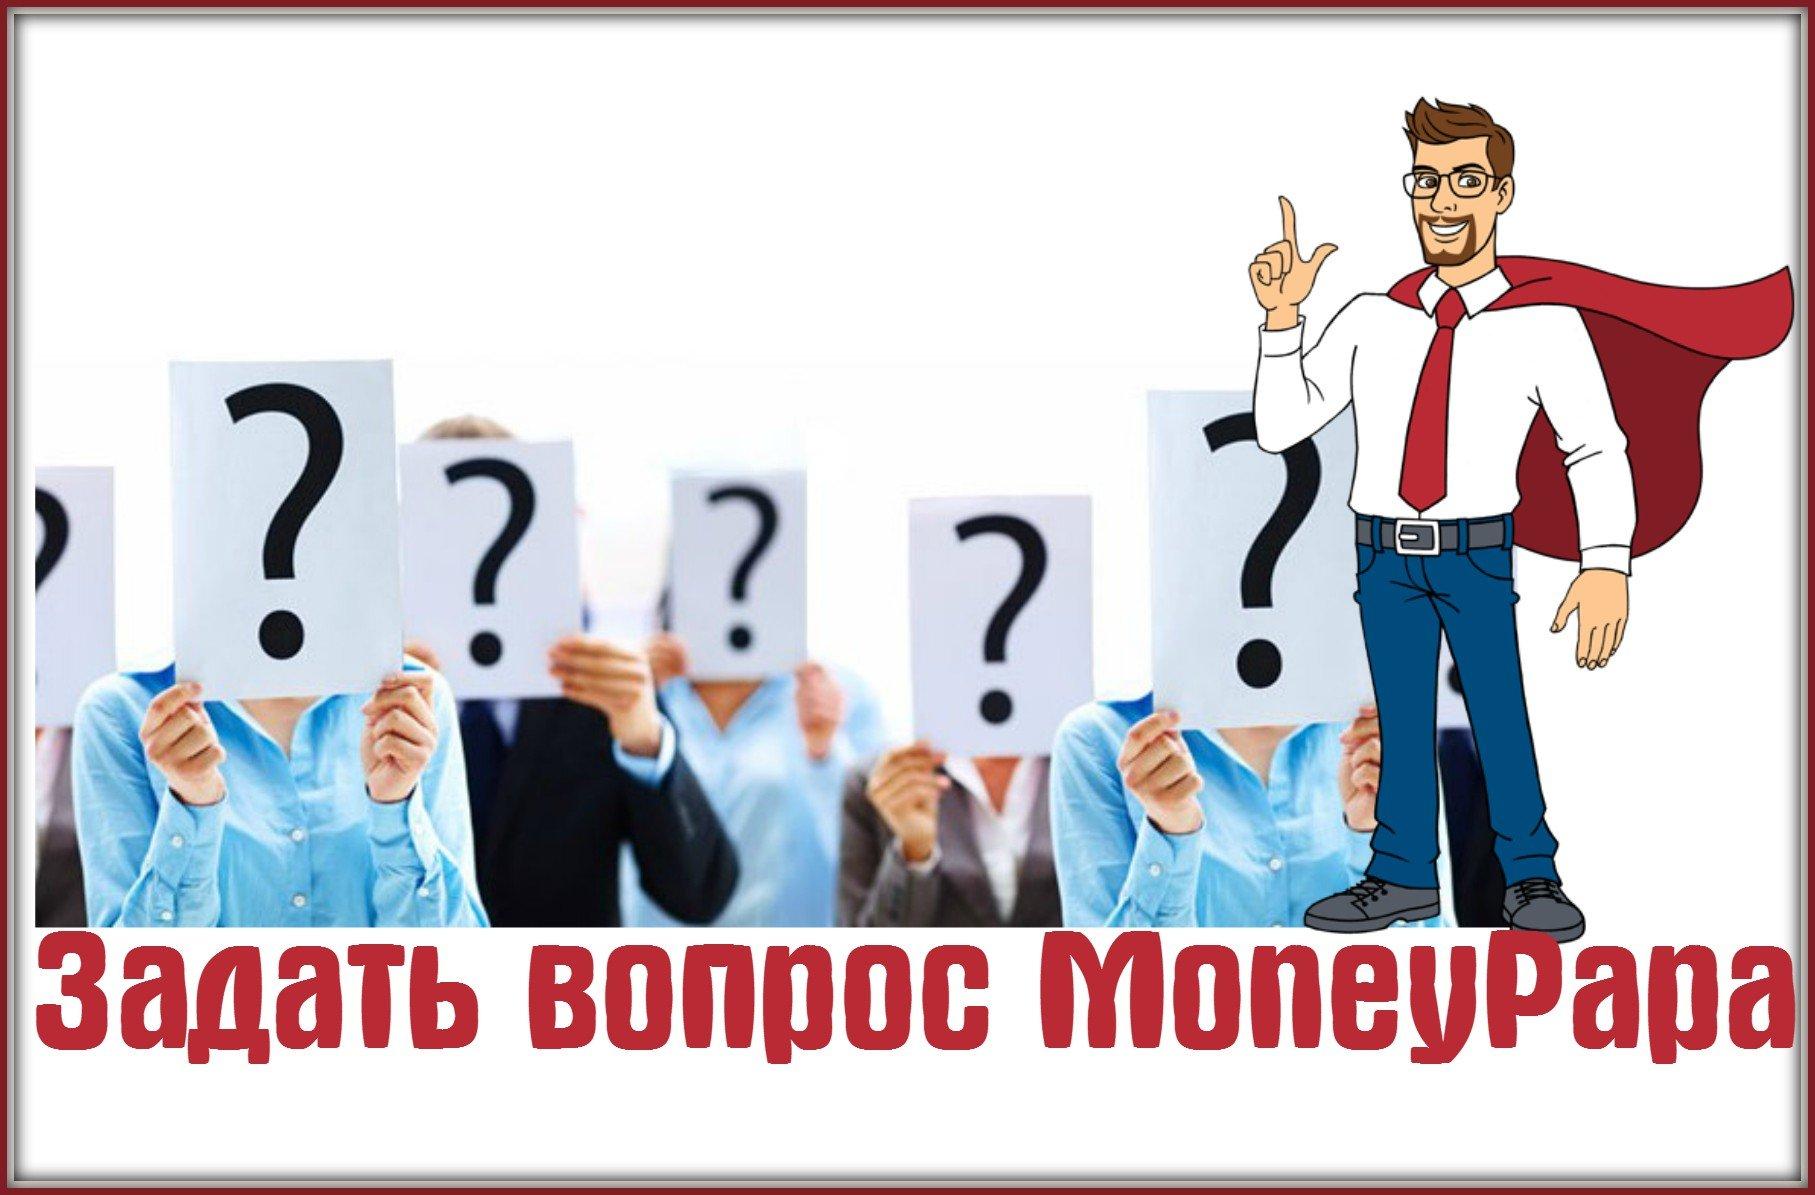 Задать вопрос MoneyPapa